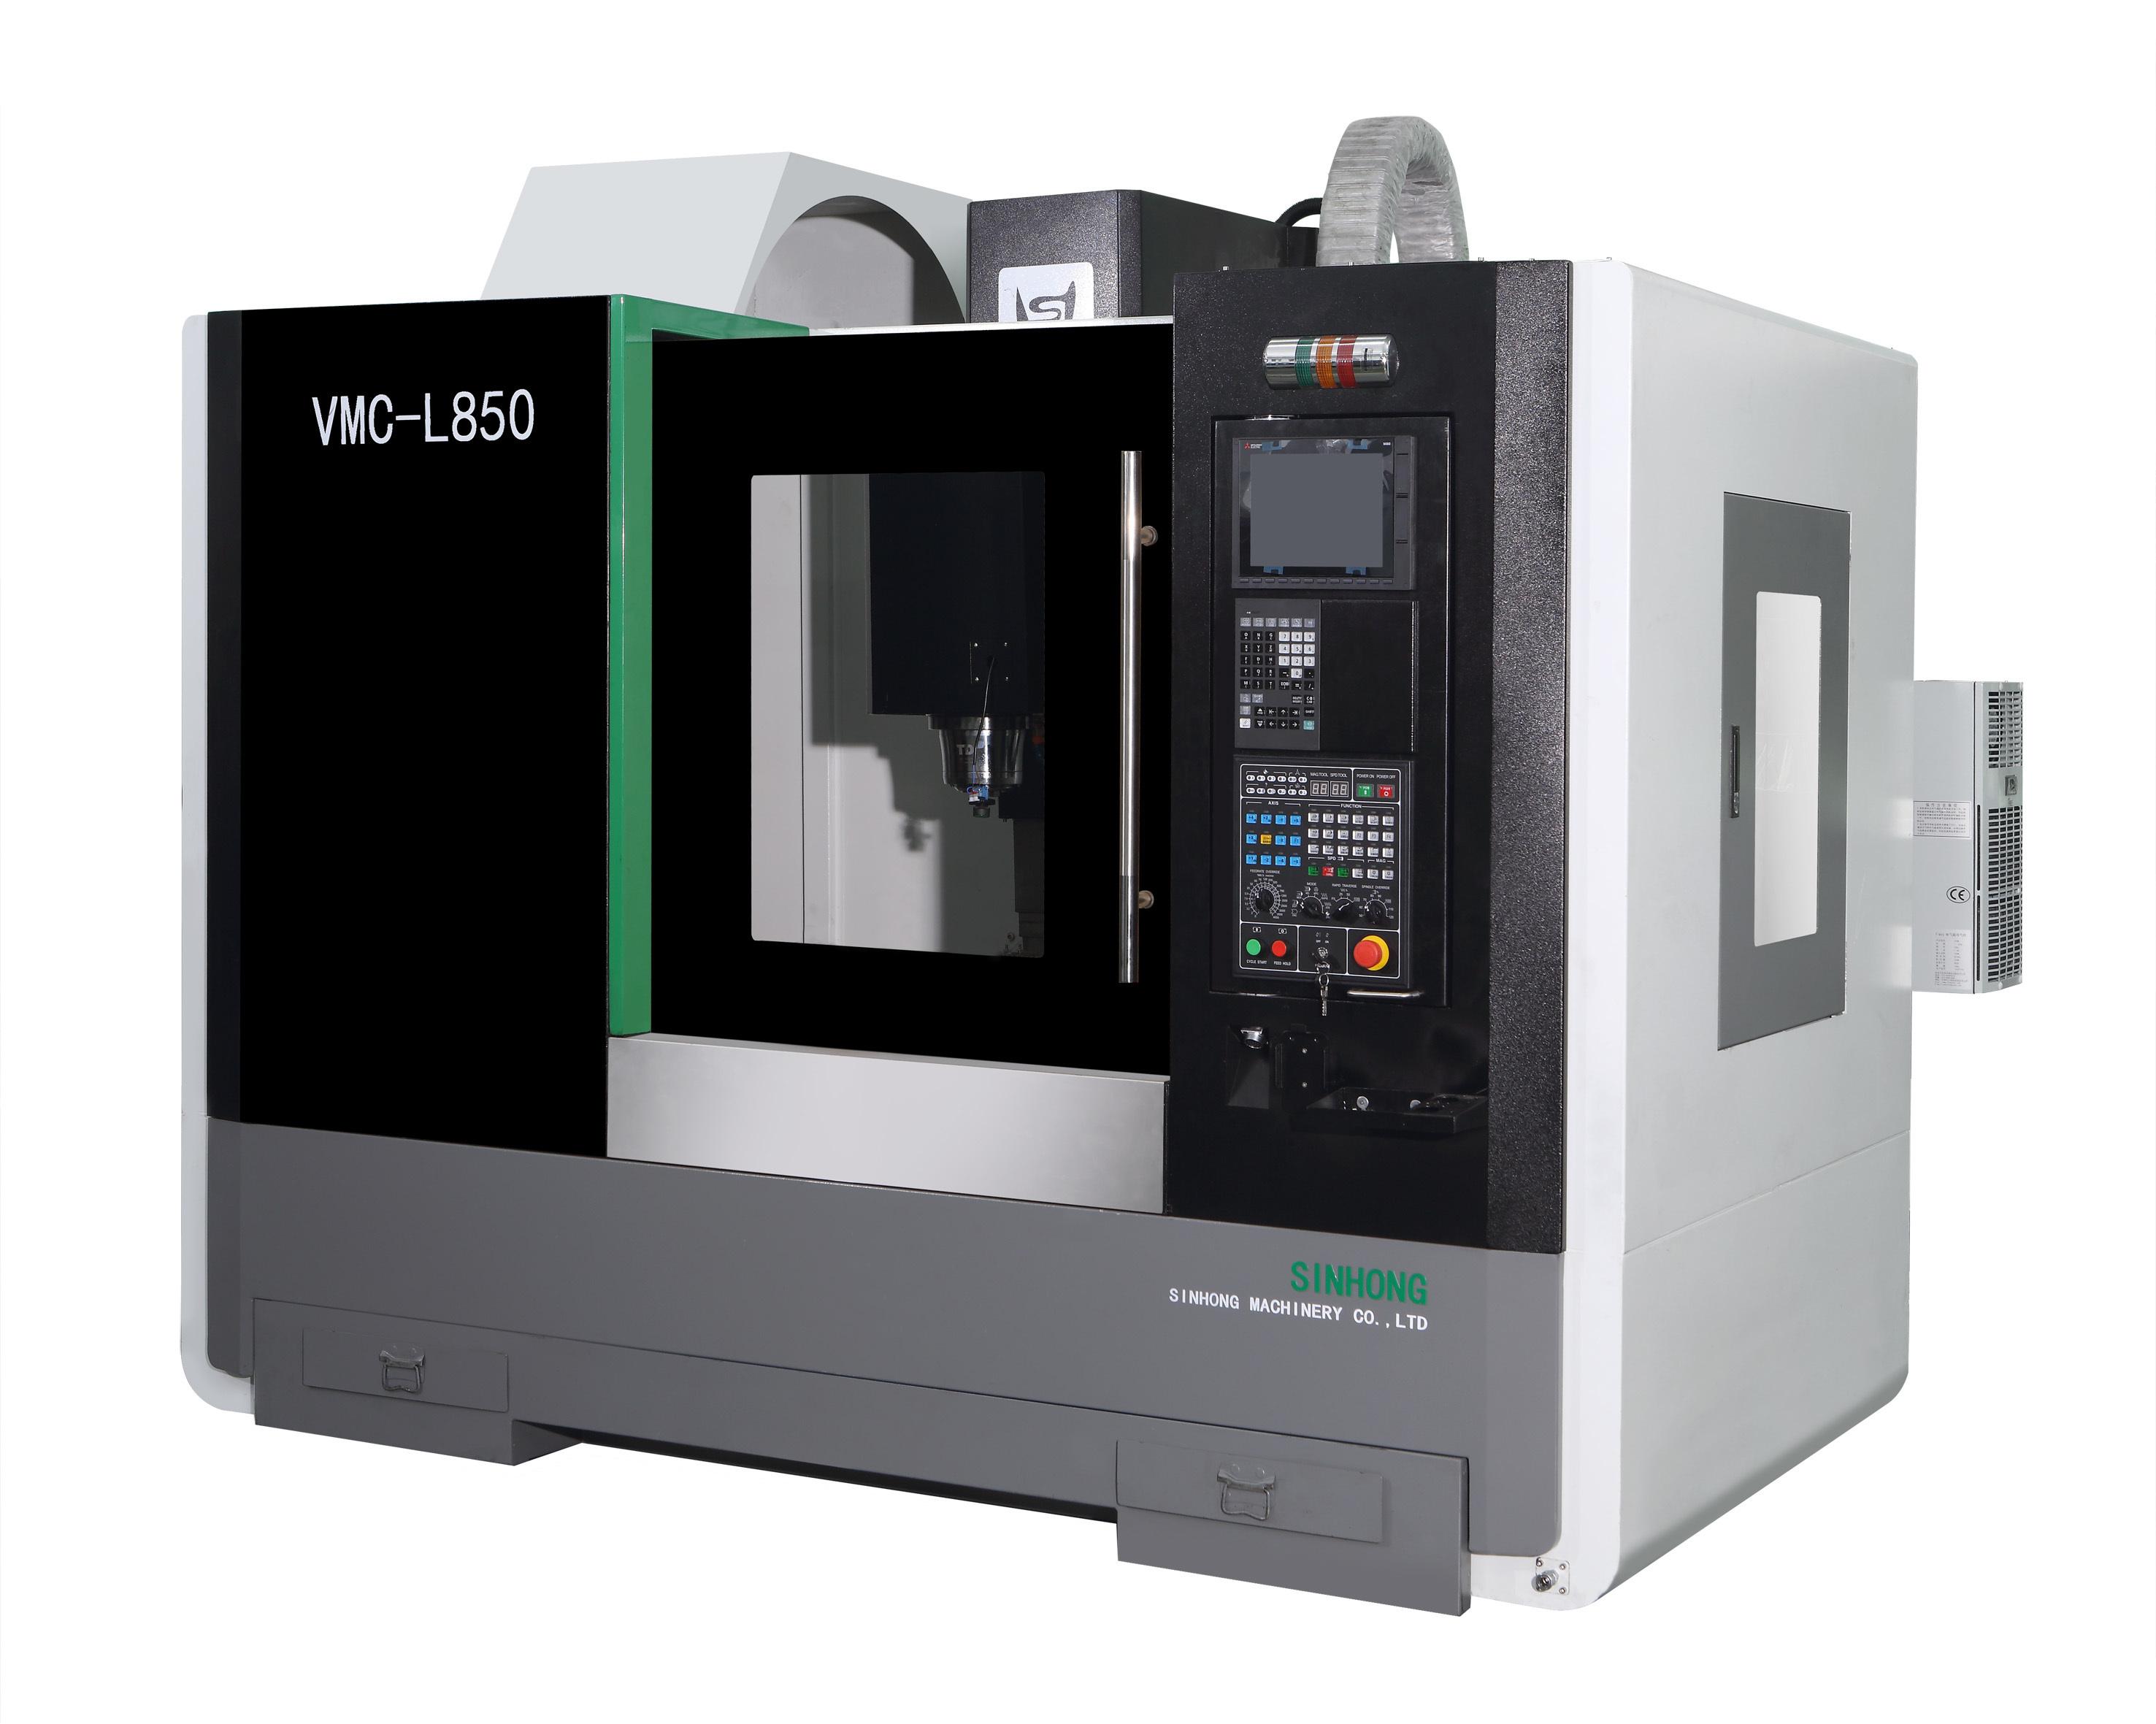 VMC-L850